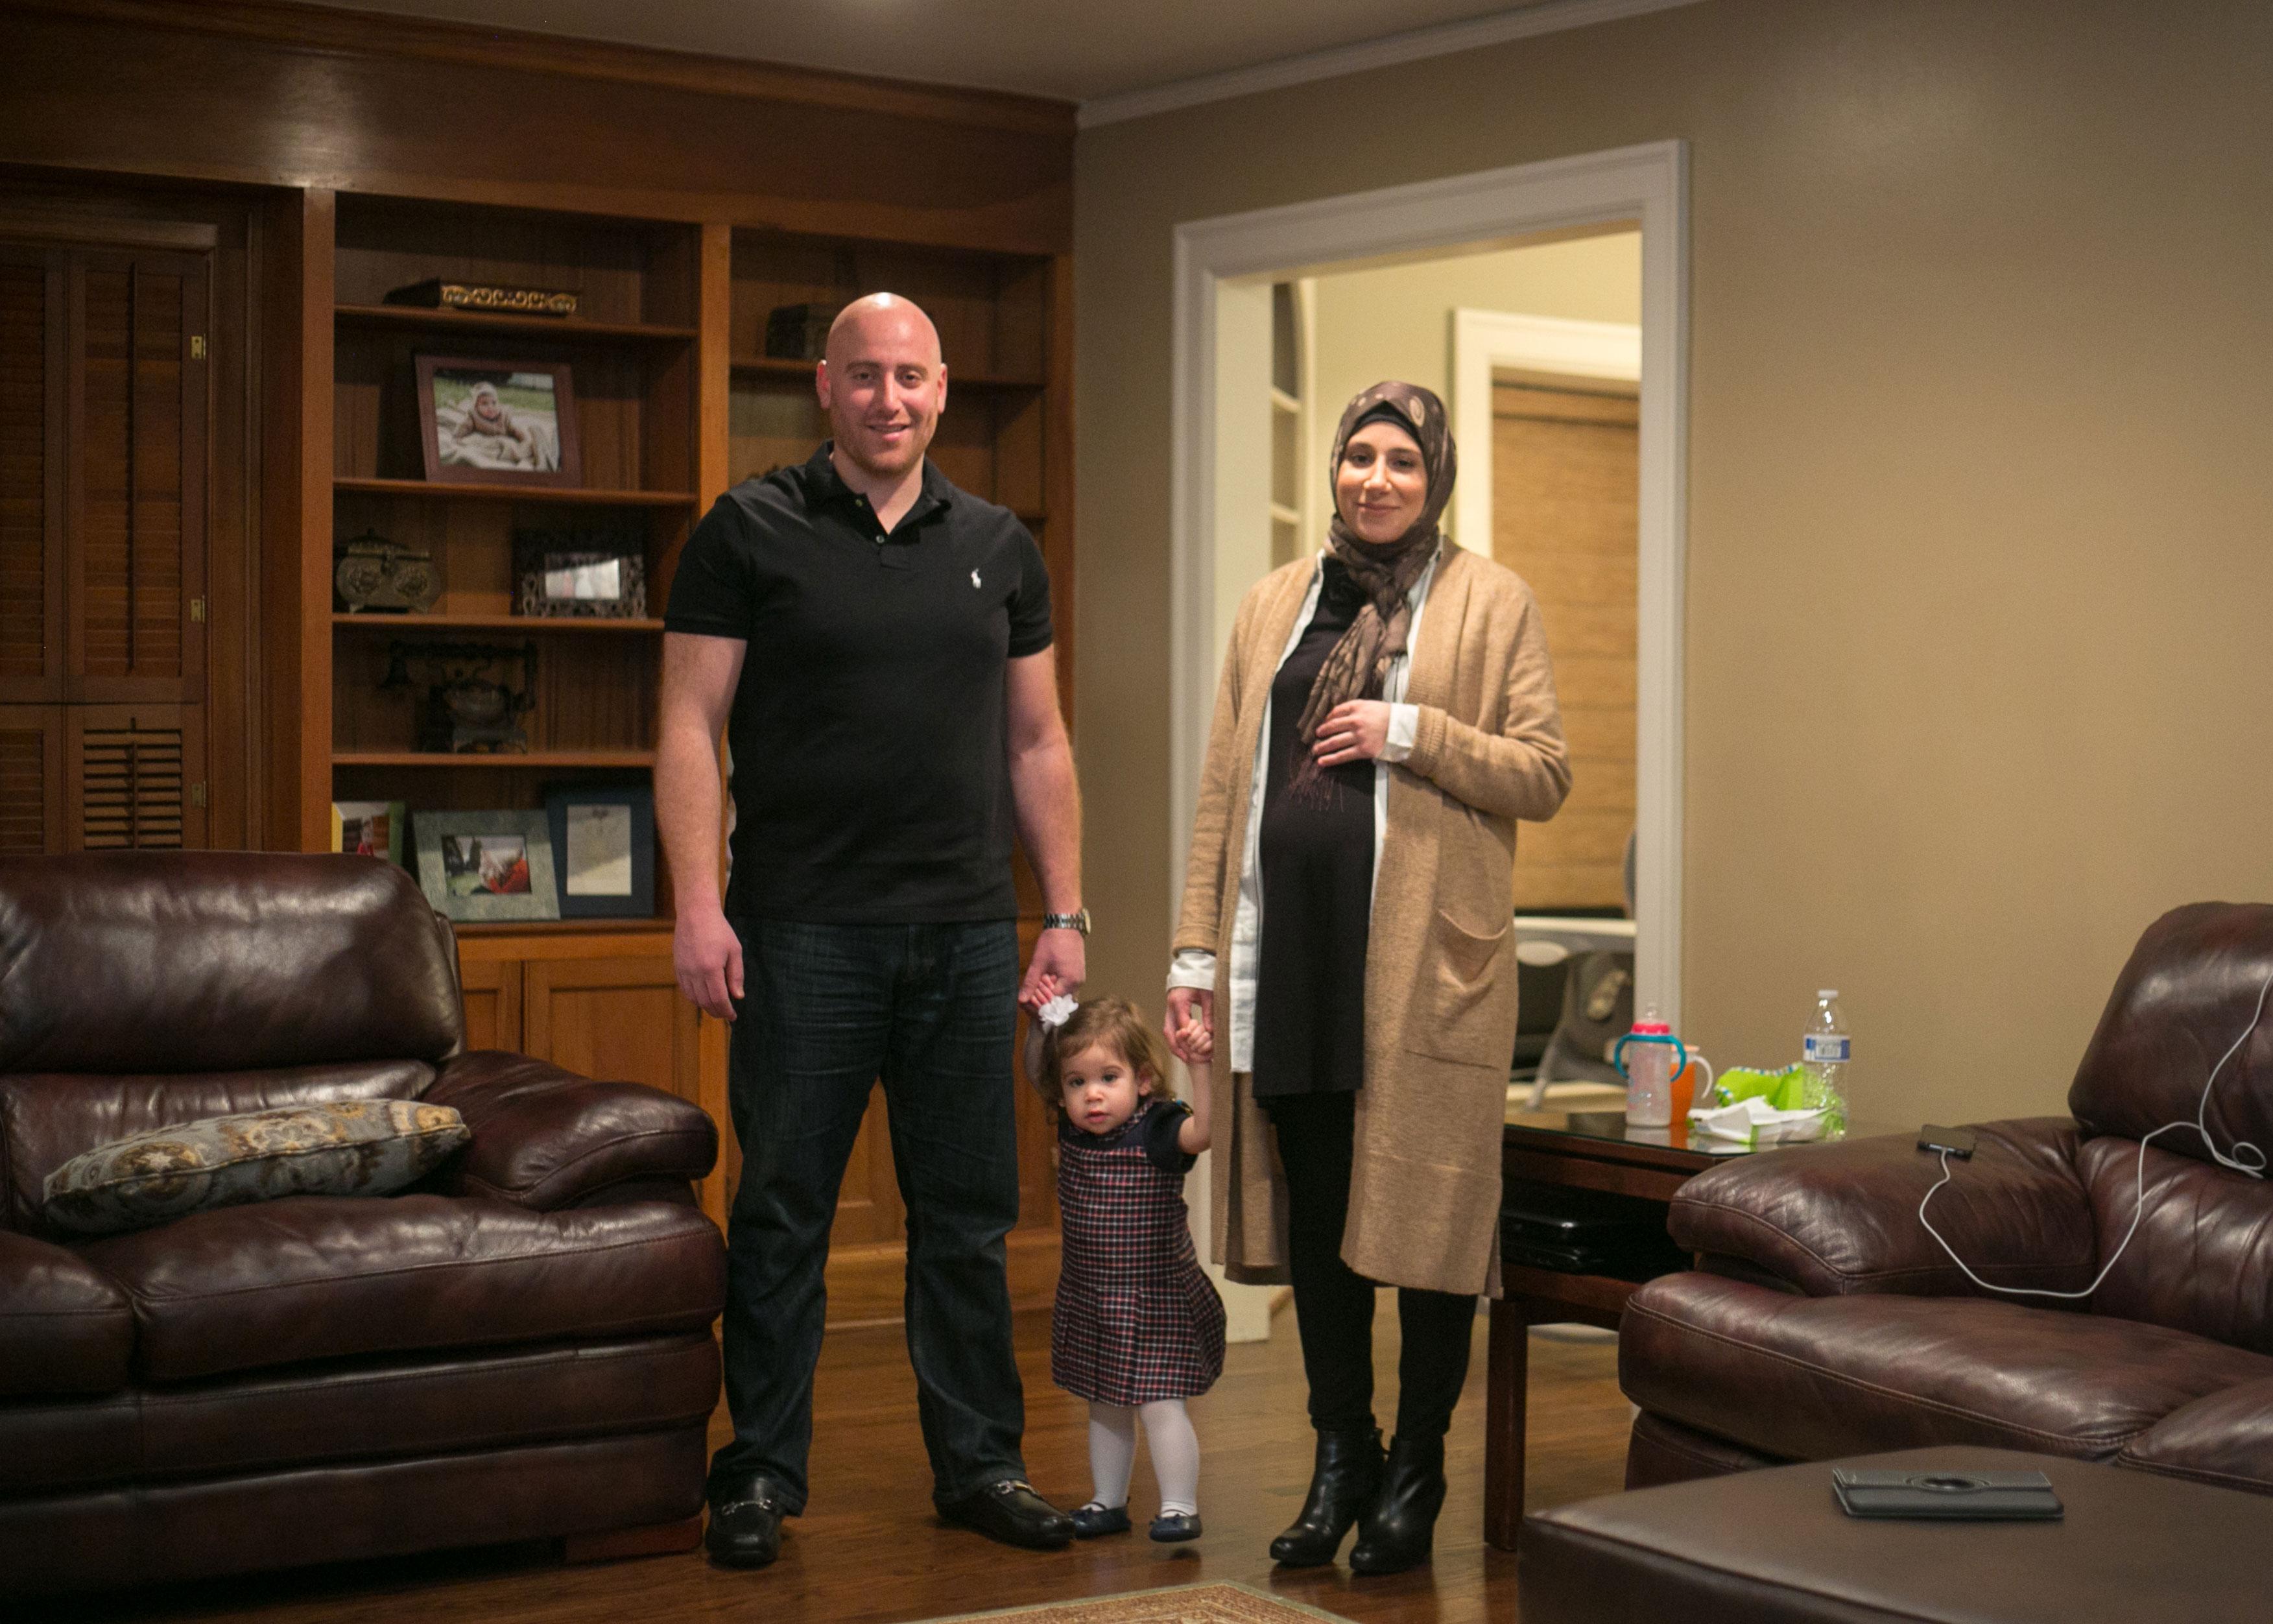 The Charara Family